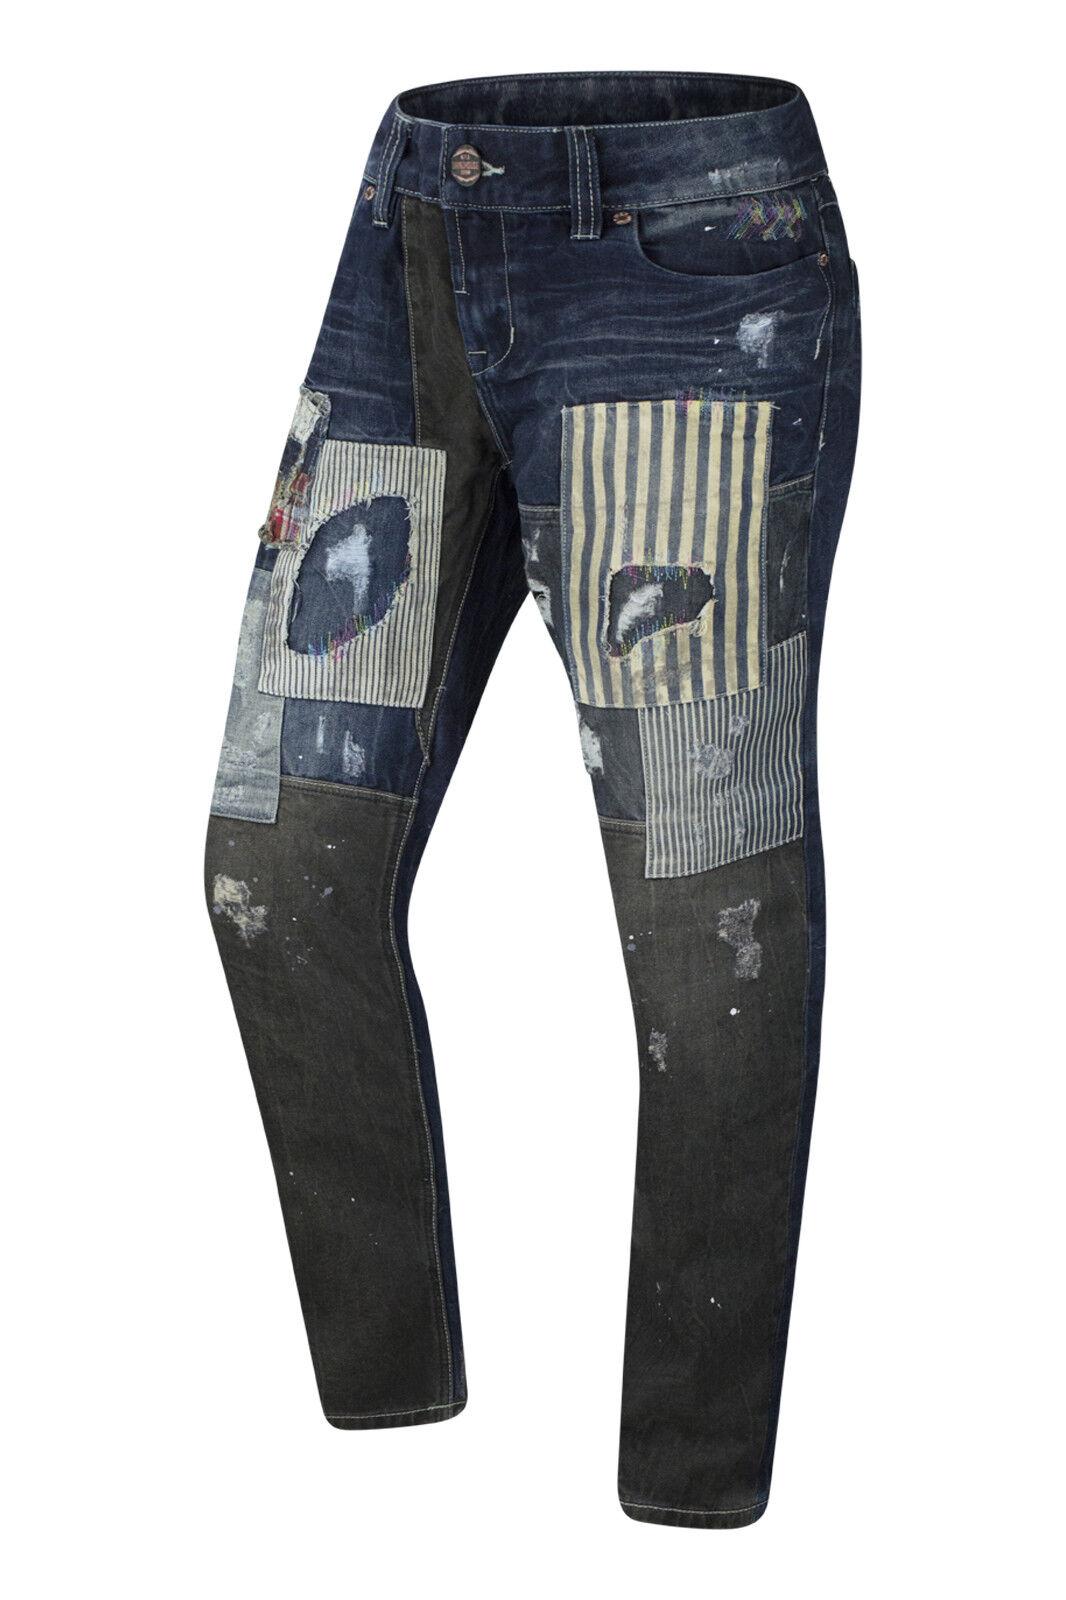 Hommes Ripped Denim peinture éclaboussé jeans marron coutures Patched Jean Pantalon